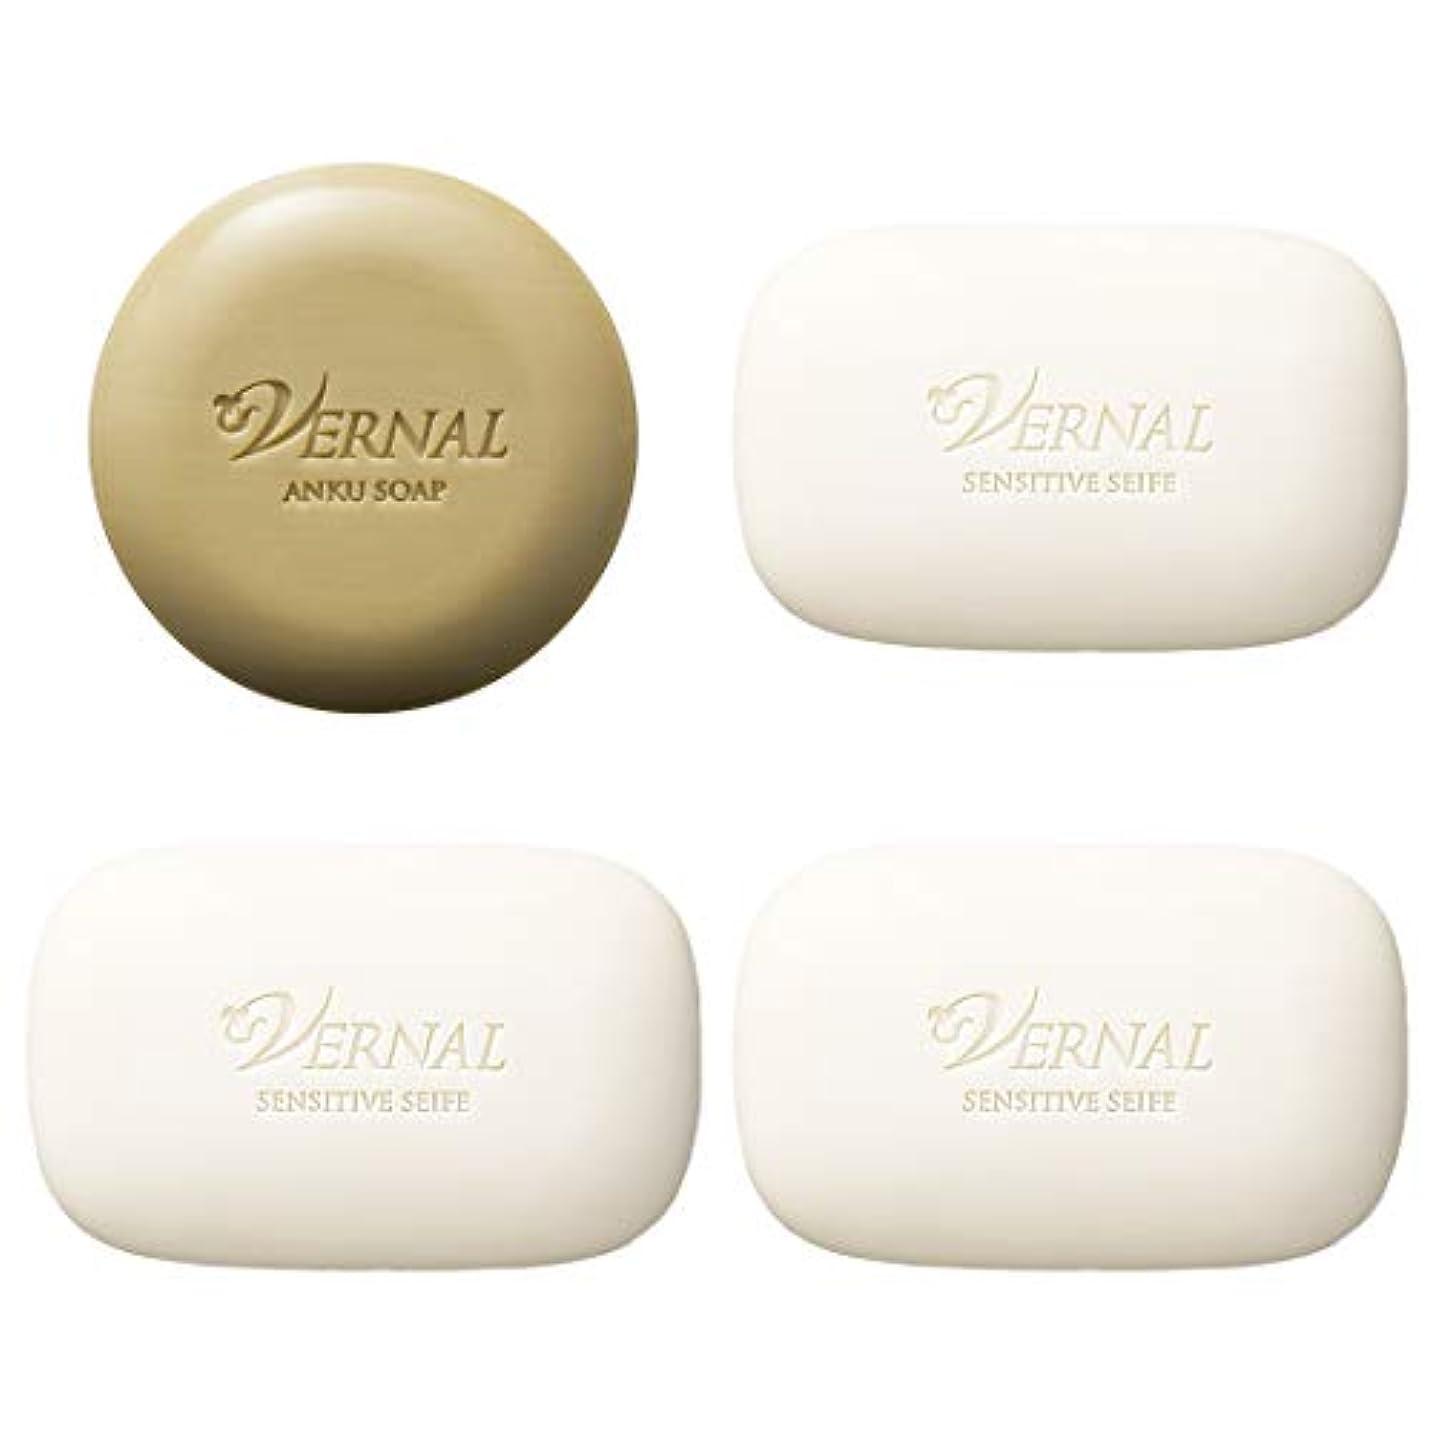 ゴルフチーズ標準アンク1個ザイフ3個(ベーシックソープ各110g)/ ヴァーナル 洗顔石鹸 お得価格